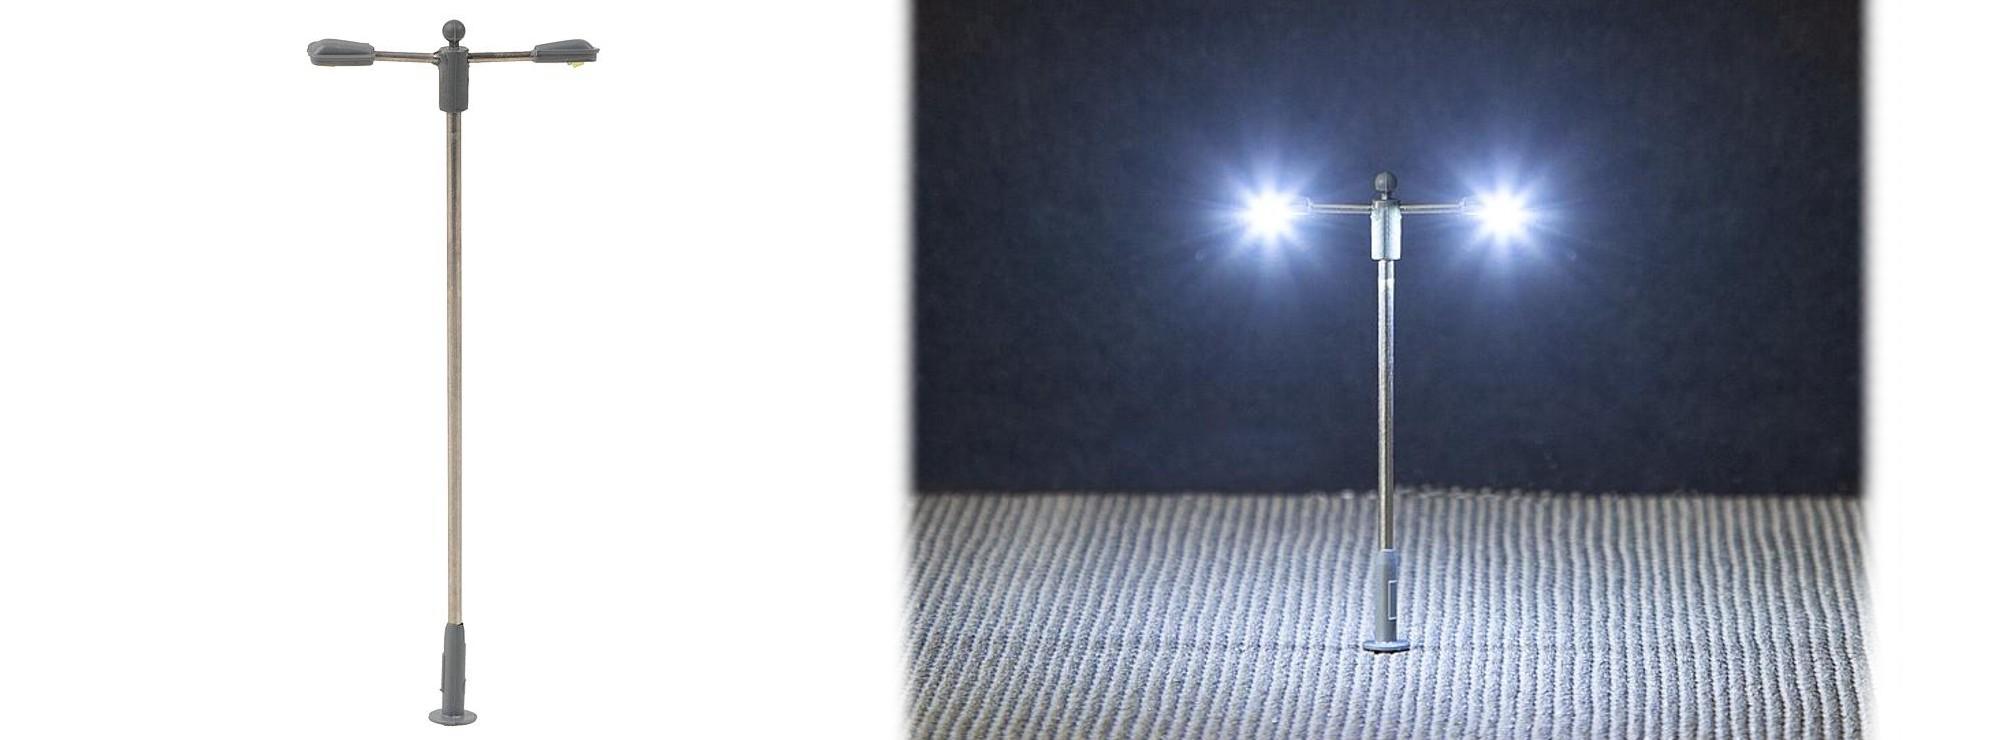 Faller 272223 Led Strassenleuche Doppelt Ansatzleuchte Fertigmodell Spur N Online Kaufen Bei Modellbau Hartle